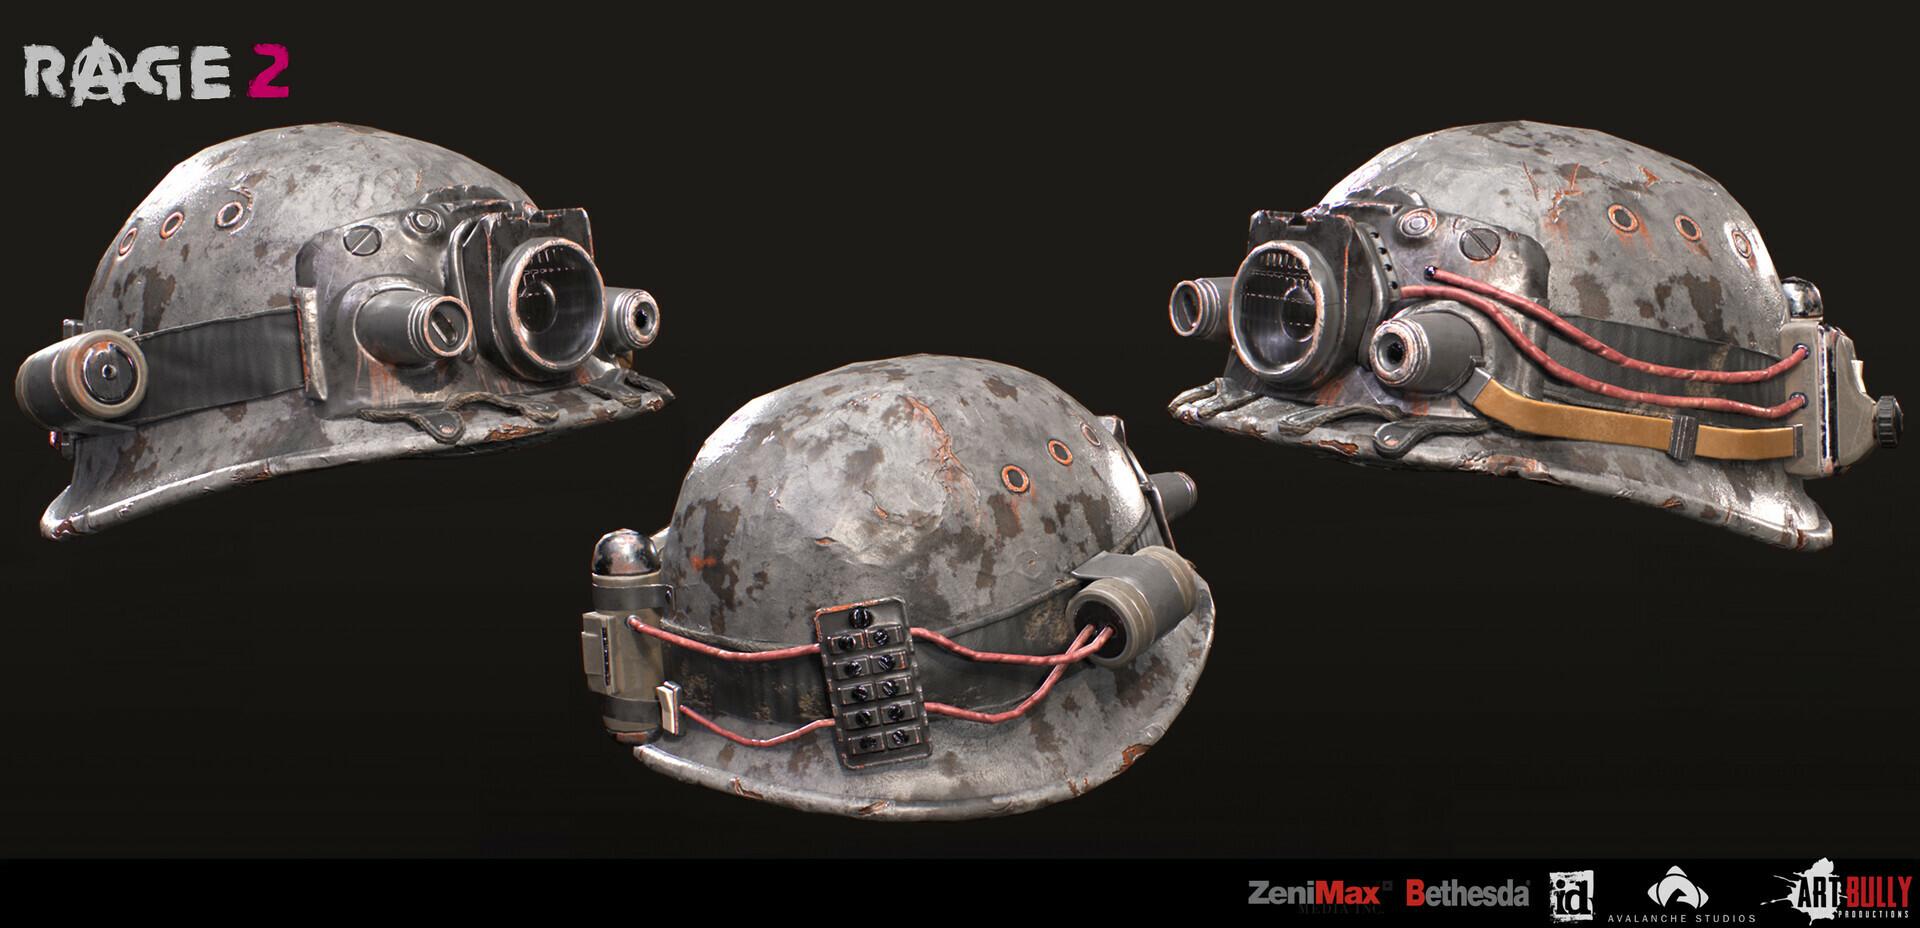 Patrick nuckels art bully productions miner helmet